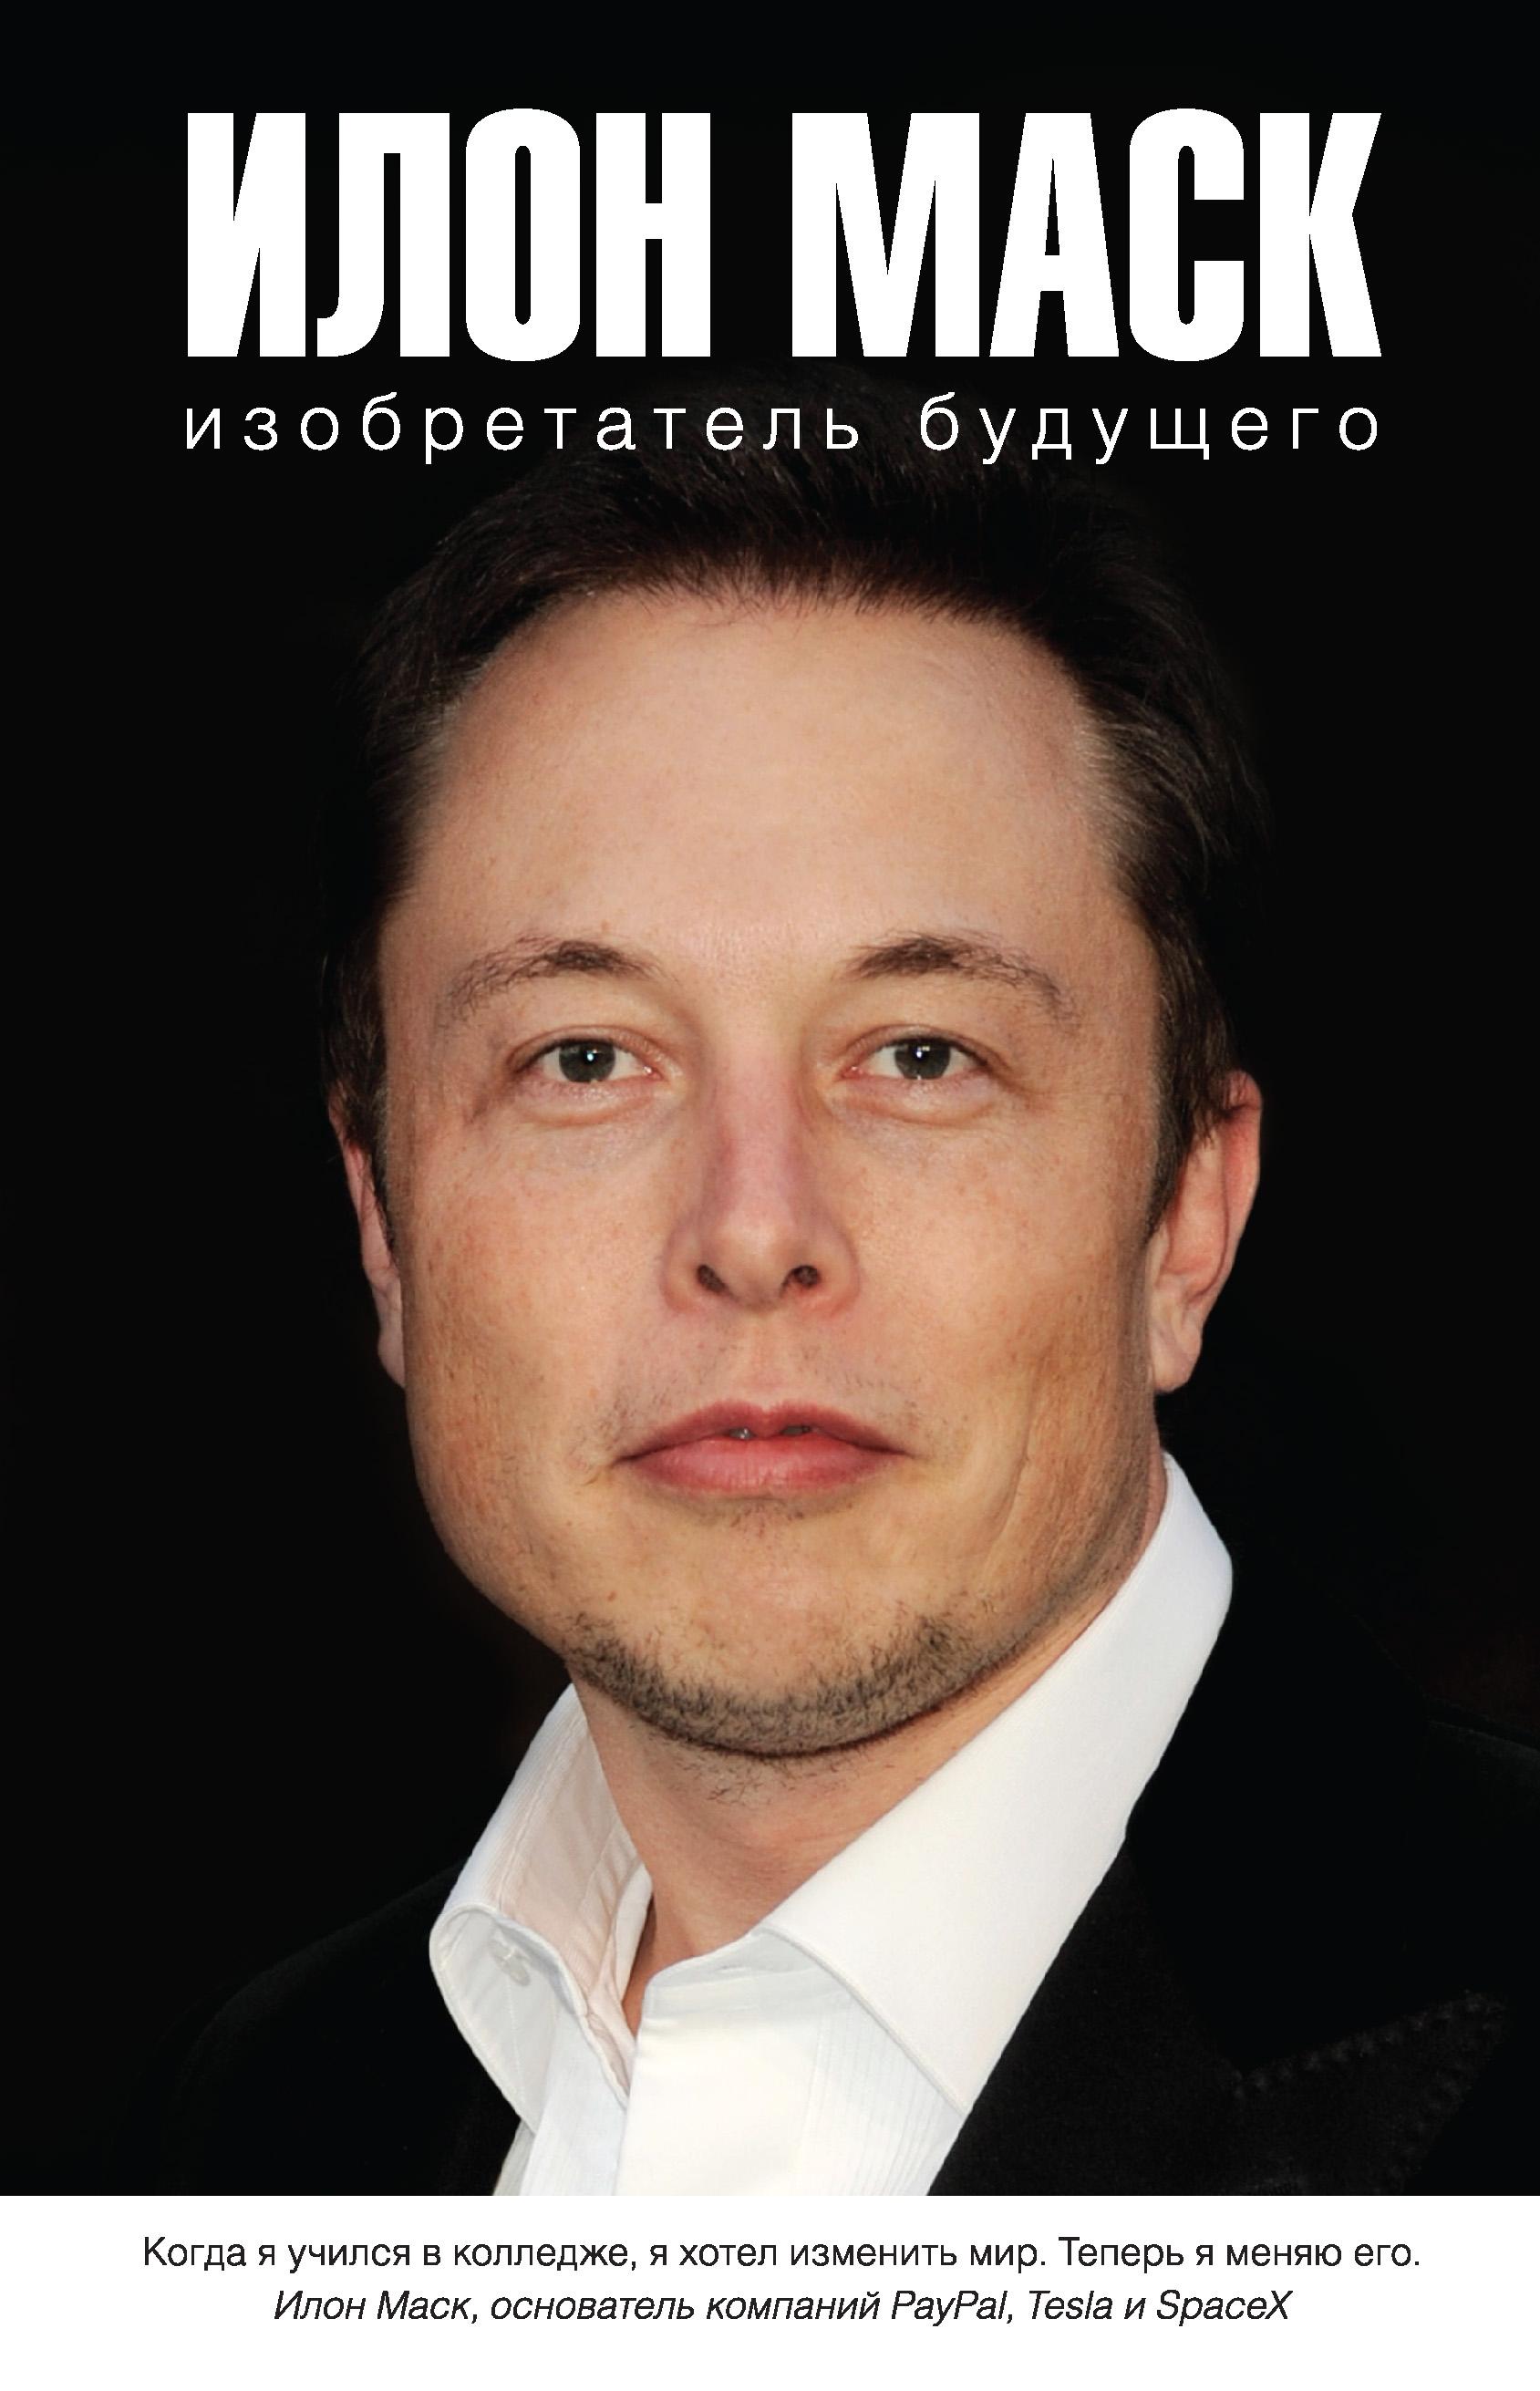 Алексей Шорохов Илон Маск: изобретатель будущего